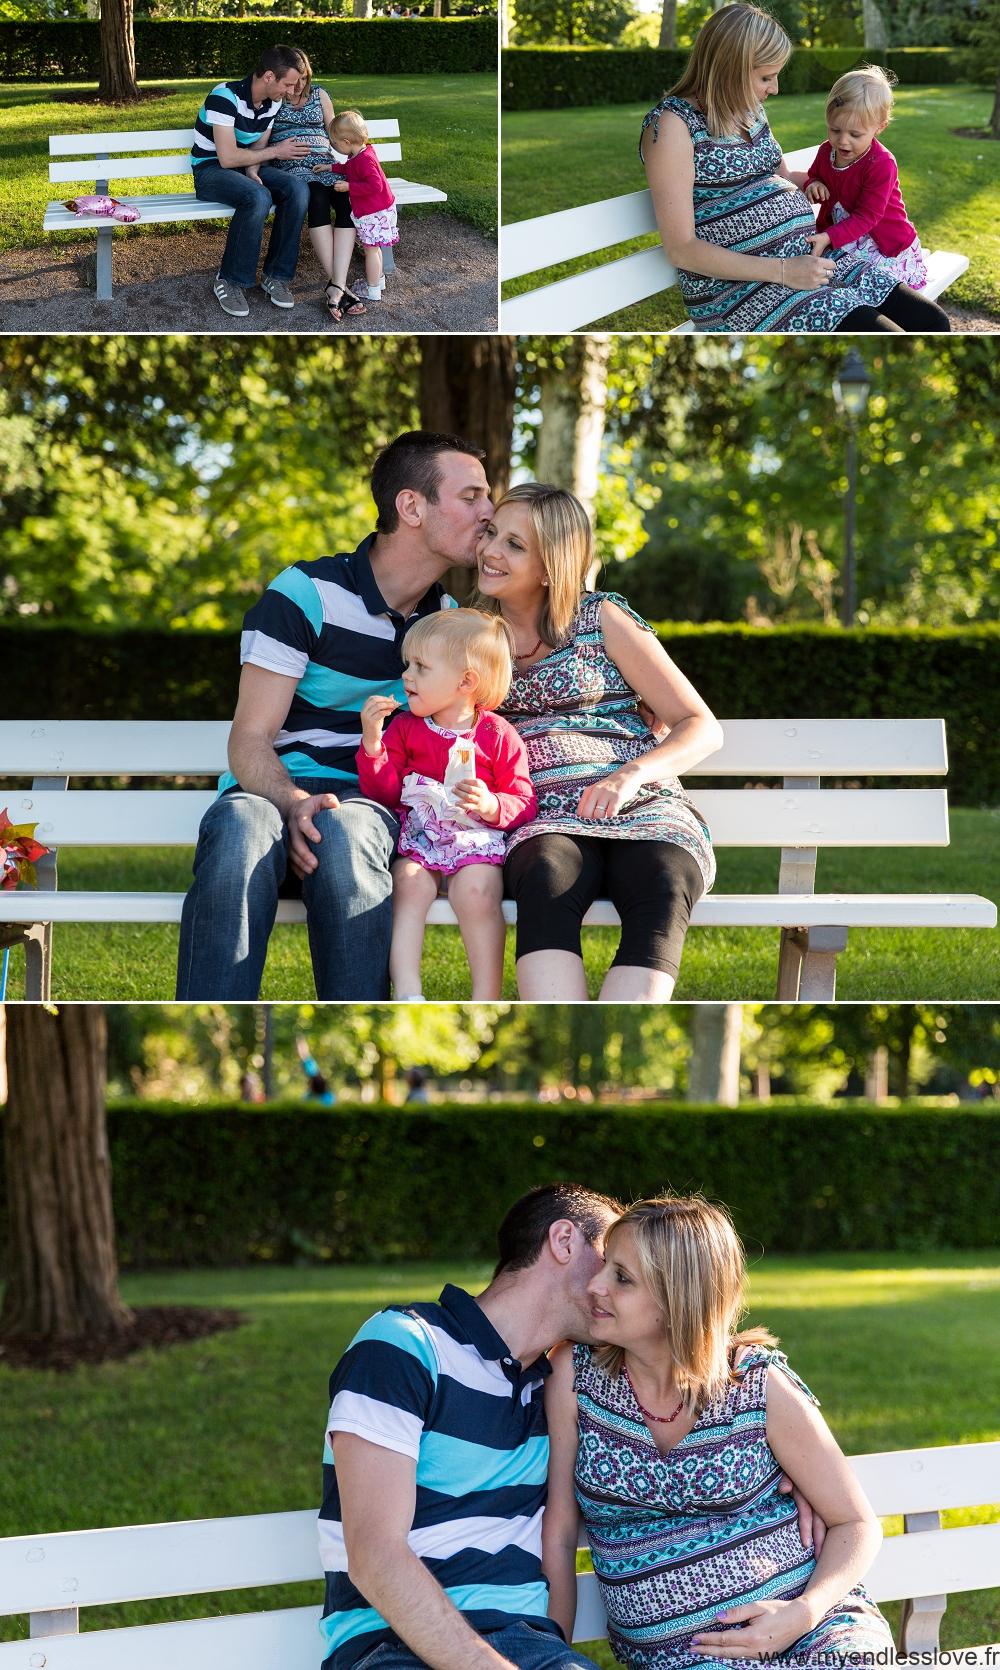 photographe famille strasbourg myendlesslove-melanie-reichhart-séancephoto-grossesse-strasbourg4